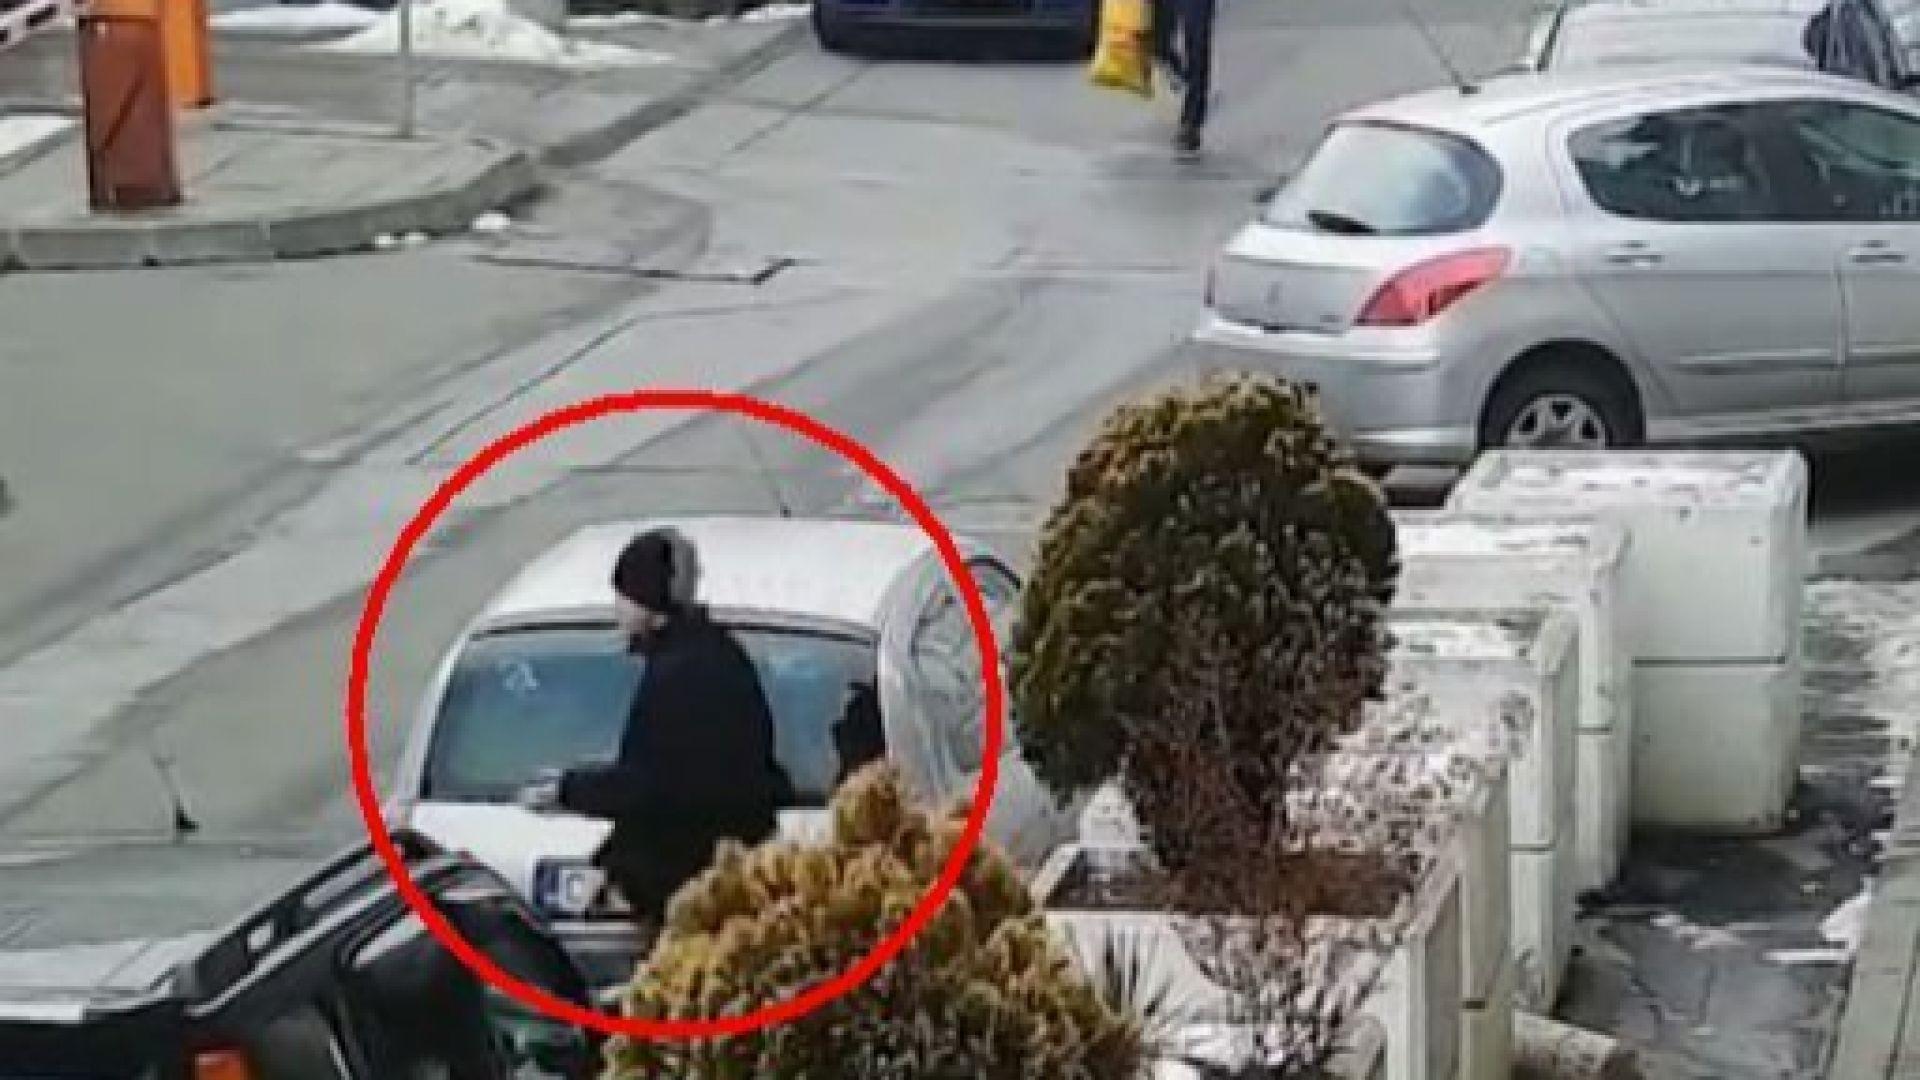 Снимка: Позор! Този Тип Извърши Изключително Грозно Престъпление В Центъра На София!